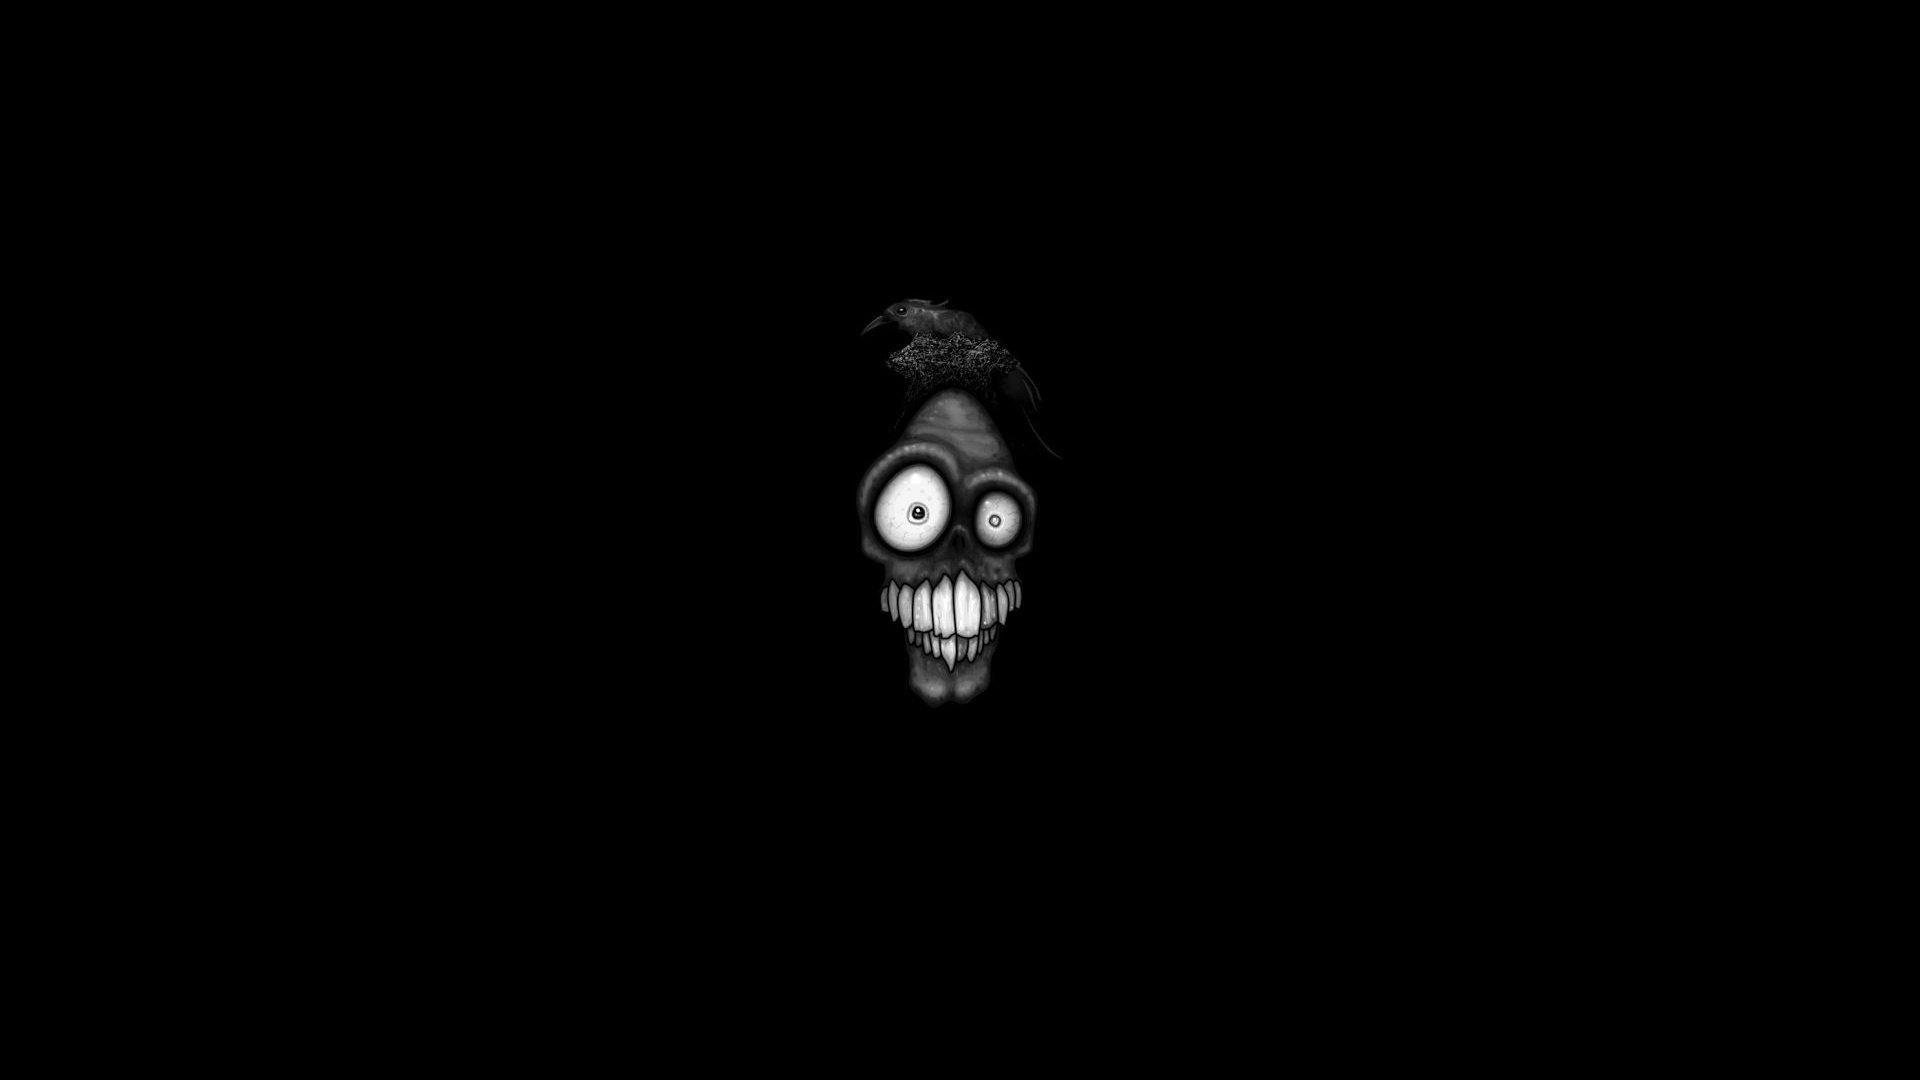 Hình nền đen trắng cho máy tính khuôn mặt xương